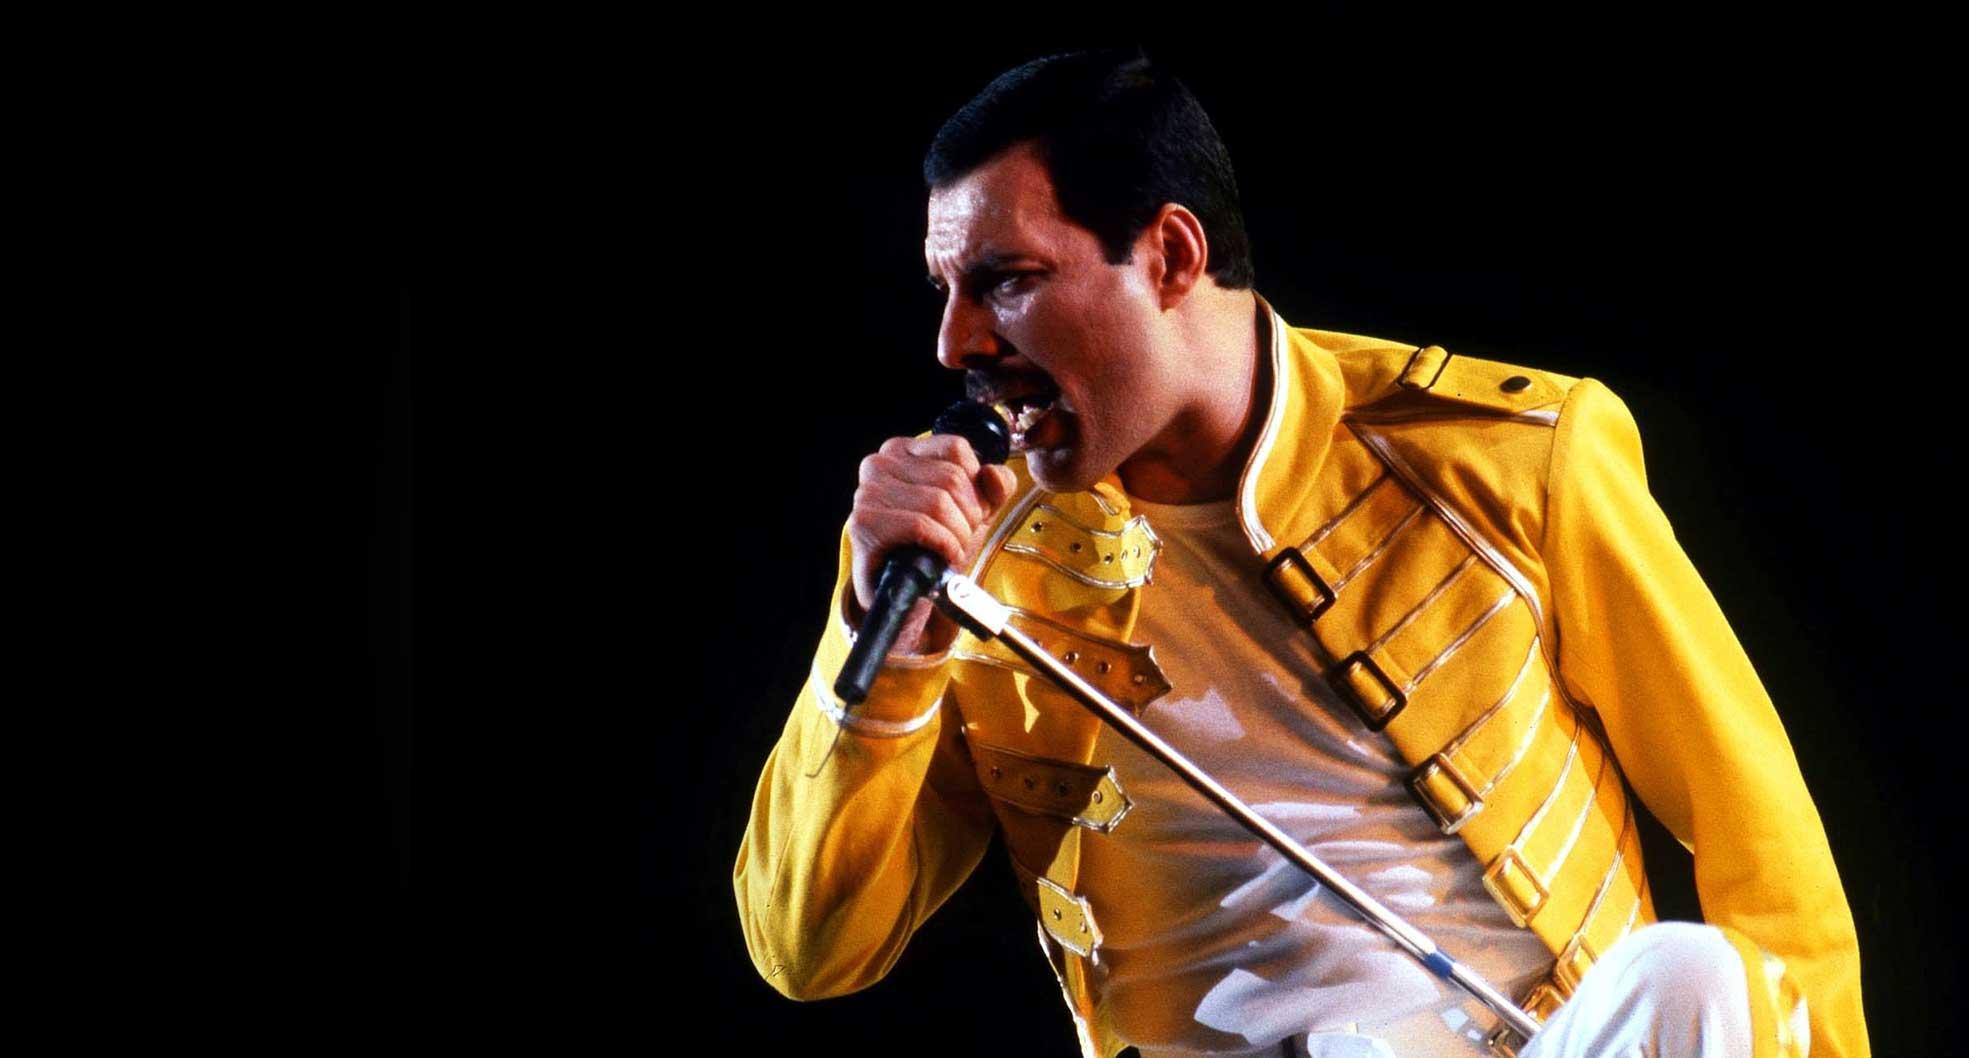 La vida de Freddie Mercury, contada a través de una novela gráfica